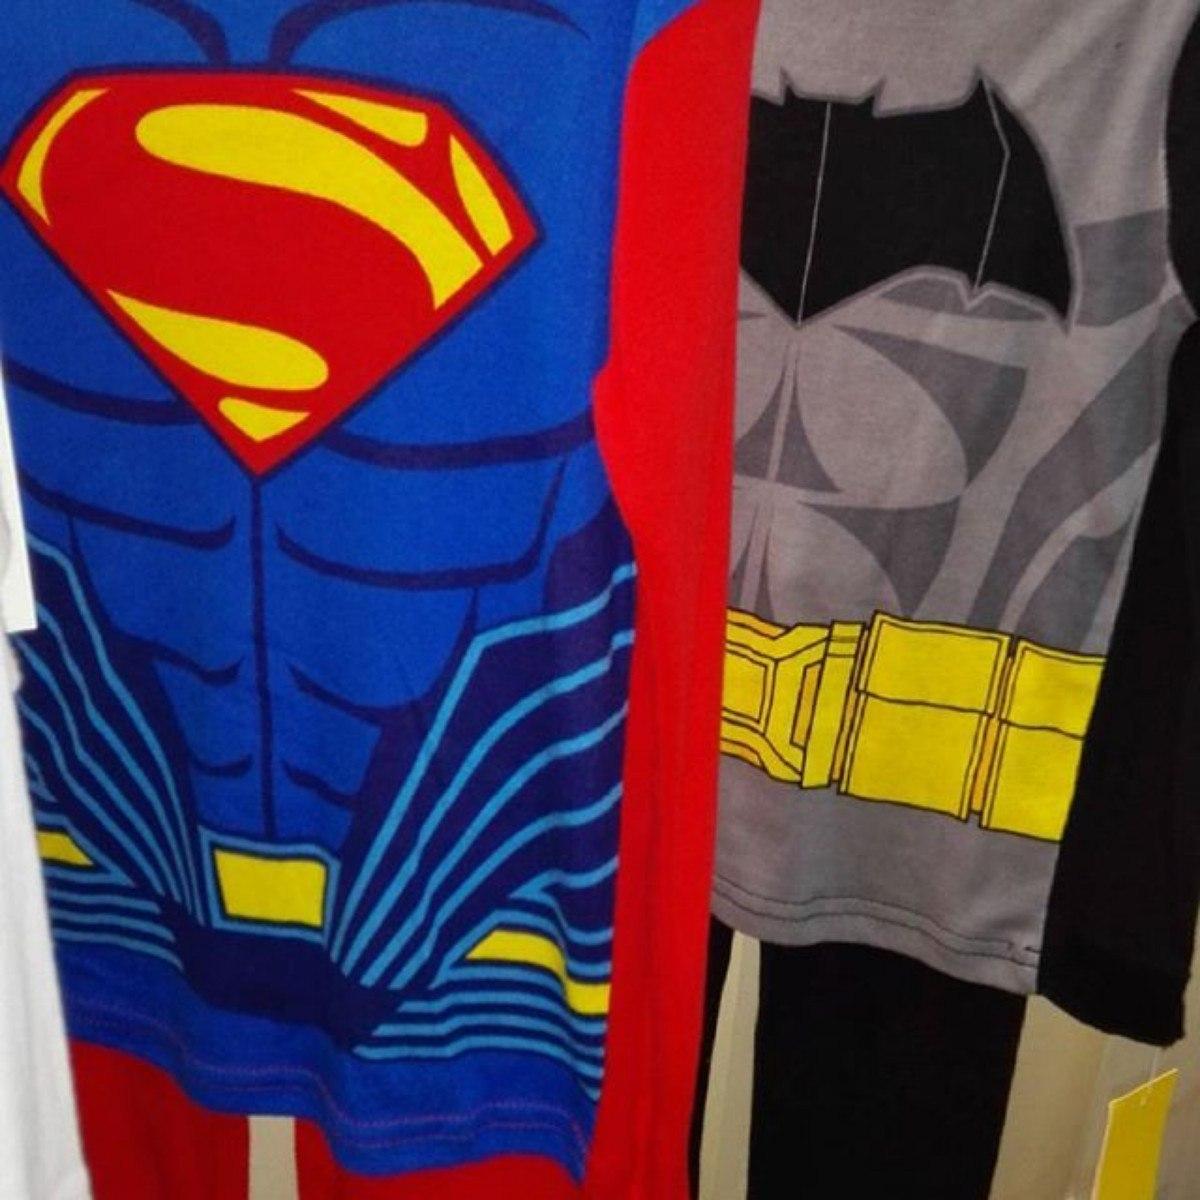 336a972372 Pijamas De Niño De Super Heroes Originales - Bs. 1